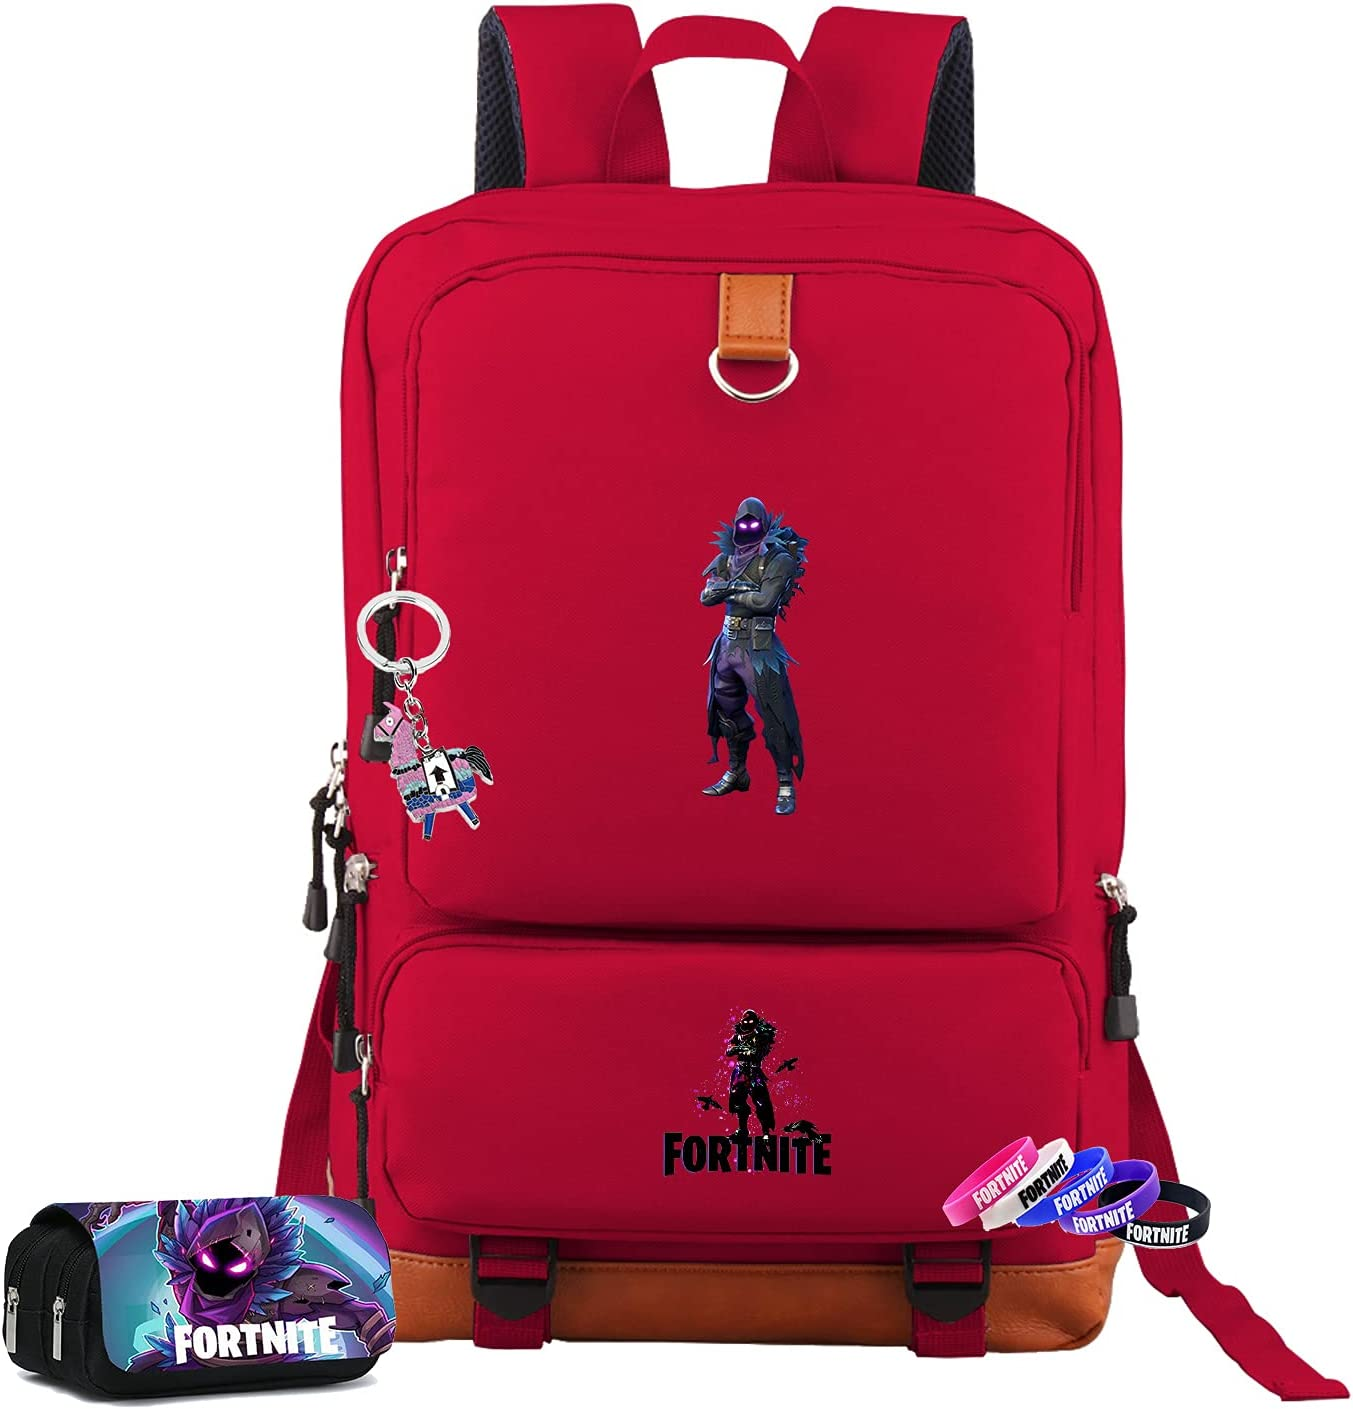 [Alternative dealer] Epic Games Houston Mall Youth Fortnite Multiplier Backpack 2 Travel Backpacks